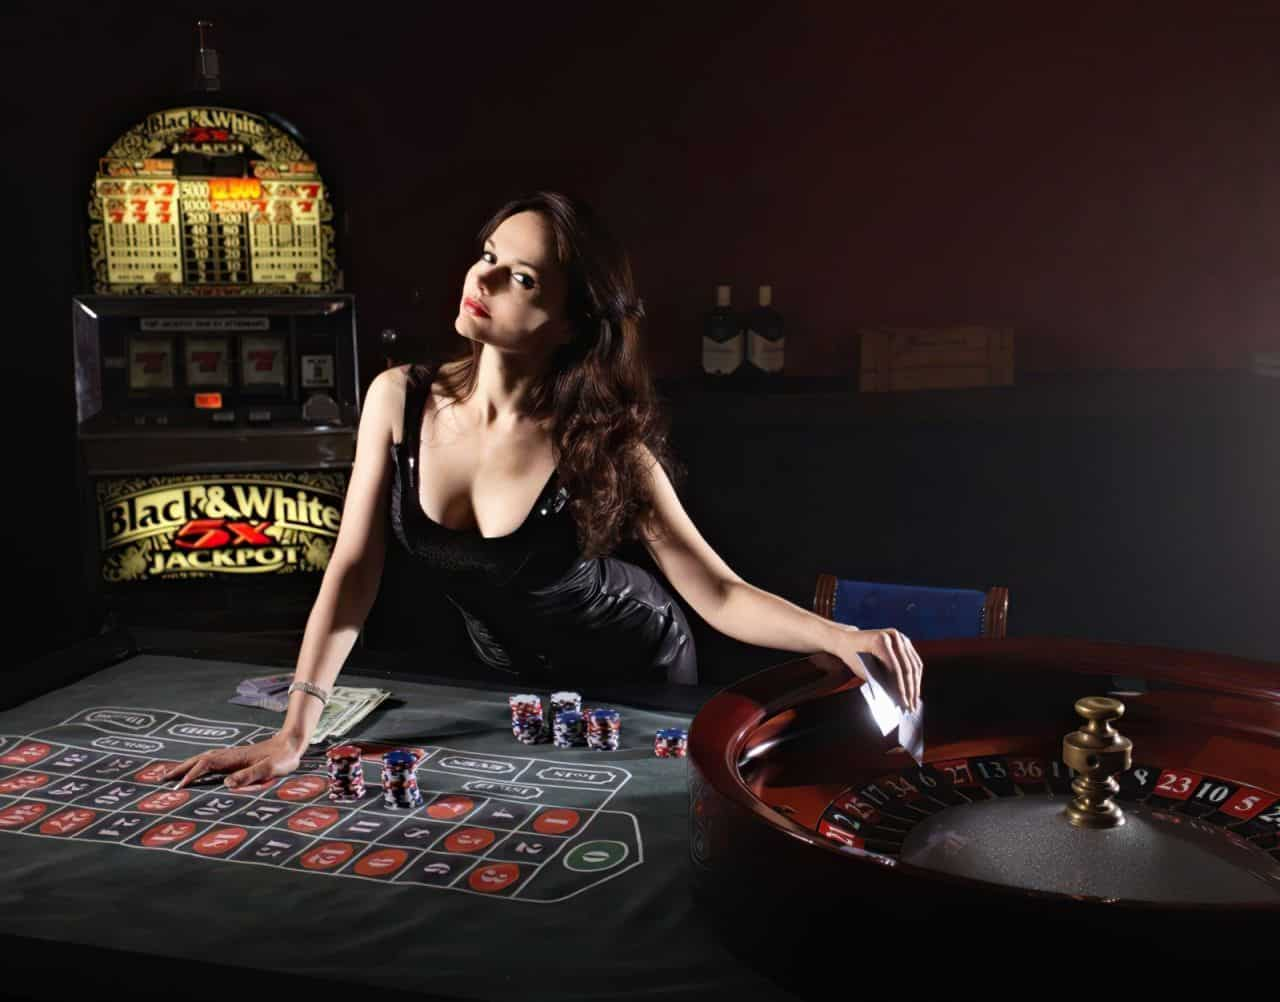 cards poker casino girl